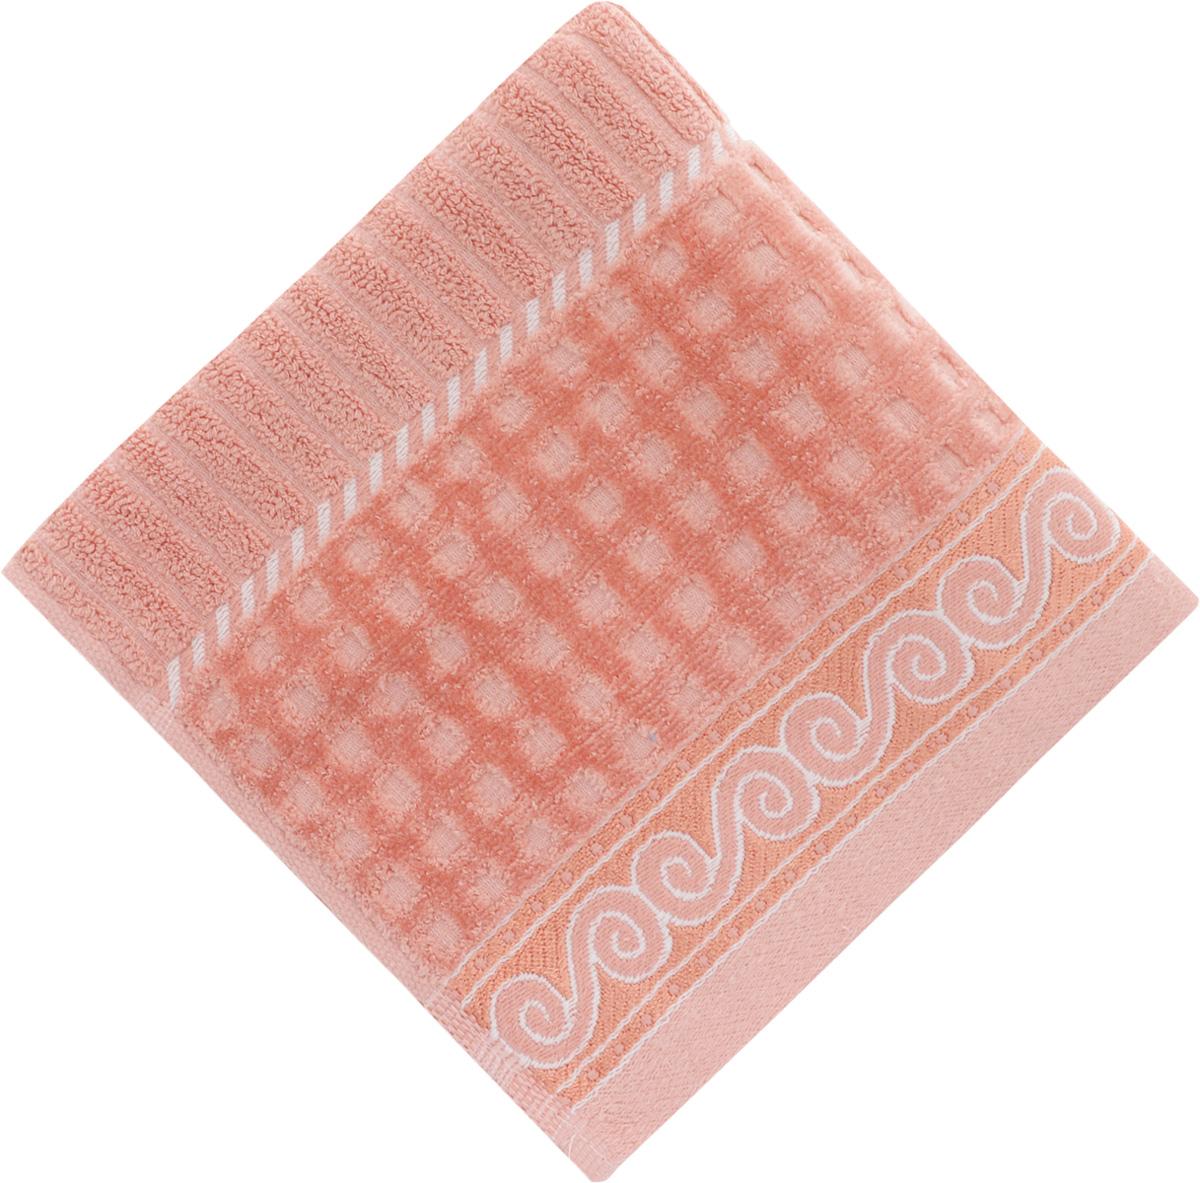 Полотенце Soavita Луи, цвет: коралловый, 50 х 90 см51799Полотенце Soavita Луи выполнено из 100% хлопка. Изделие отлично впитывает влагу, быстро сохнет, сохраняет яркость цвета и не теряет форму даже после многократных стирок. Полотенце очень практично и неприхотливо в уходе. Оно создаст прекрасное настроение и украсит интерьер в ванной комнате.